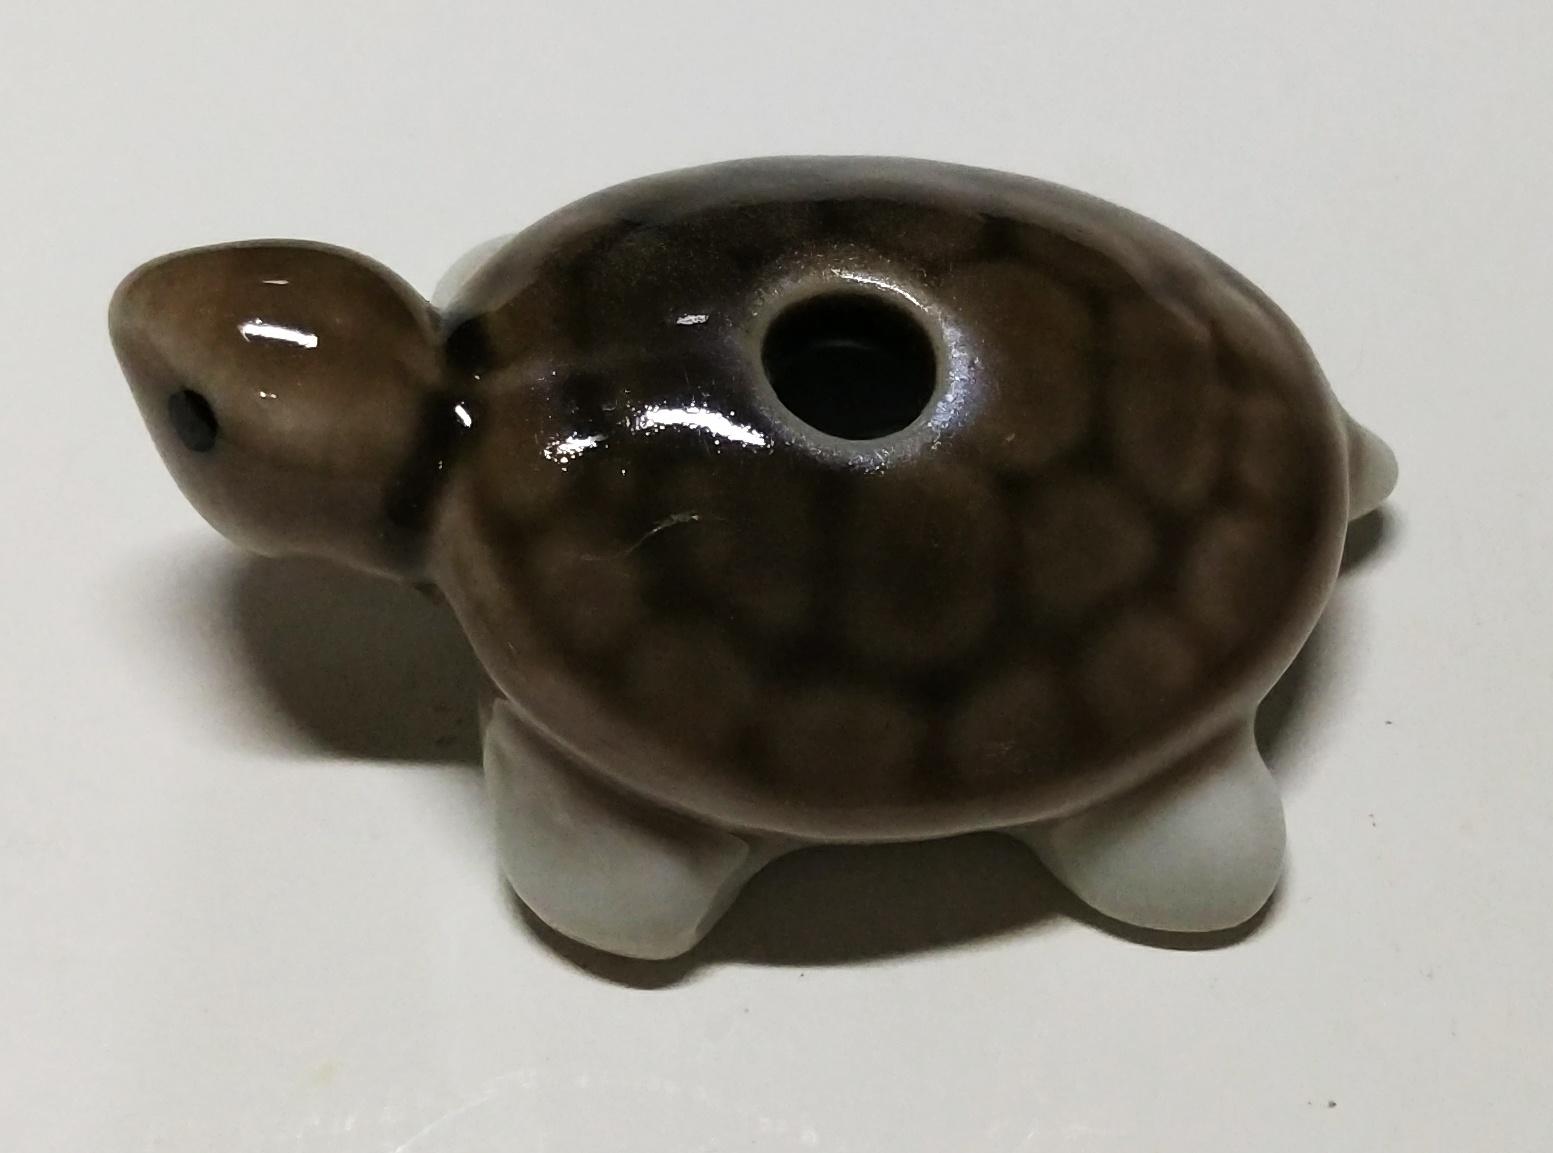 烏龜香插 (灰背)